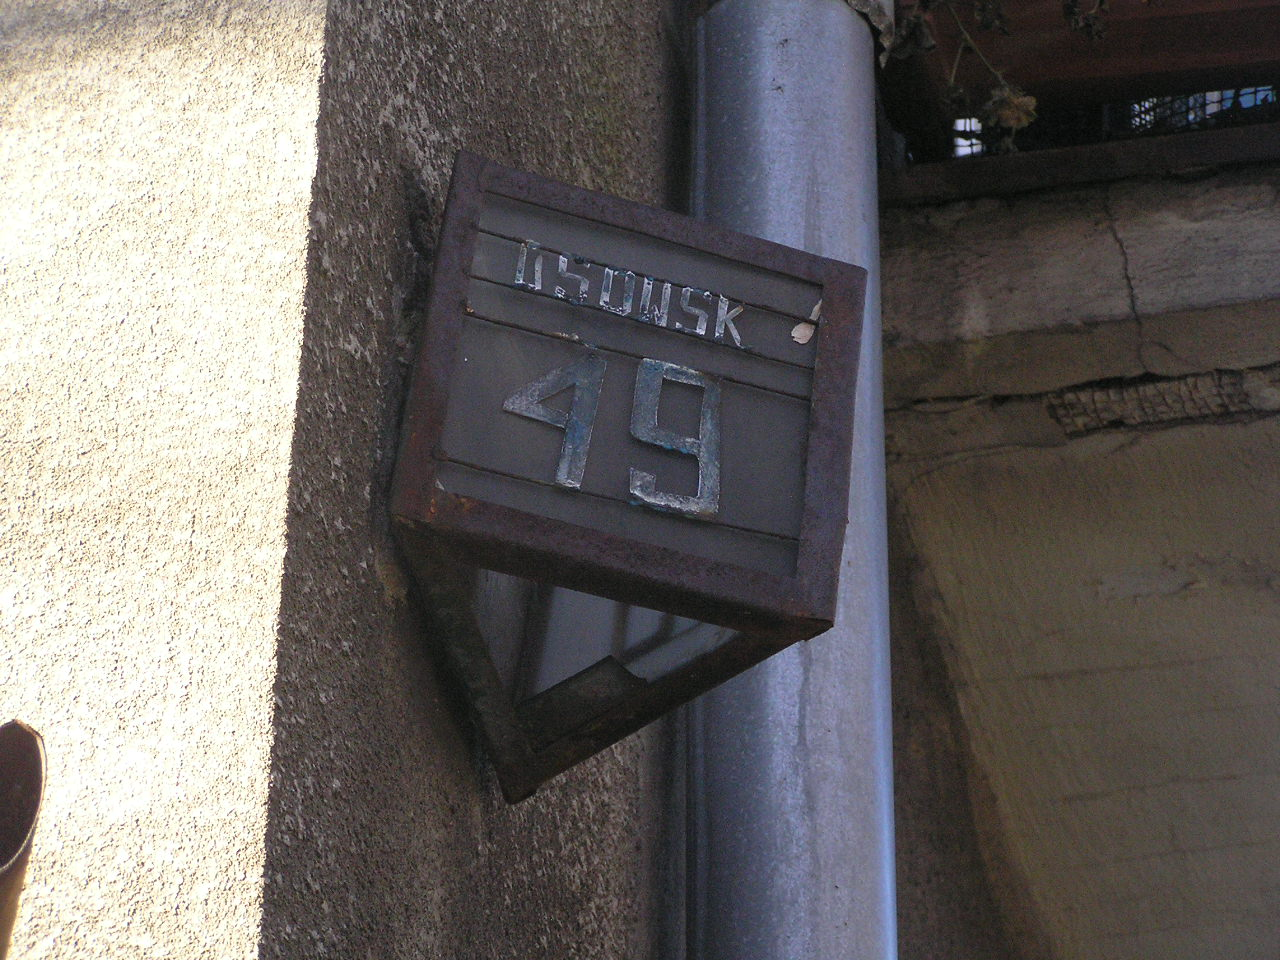 Latarenka adresowa - Osowska 49